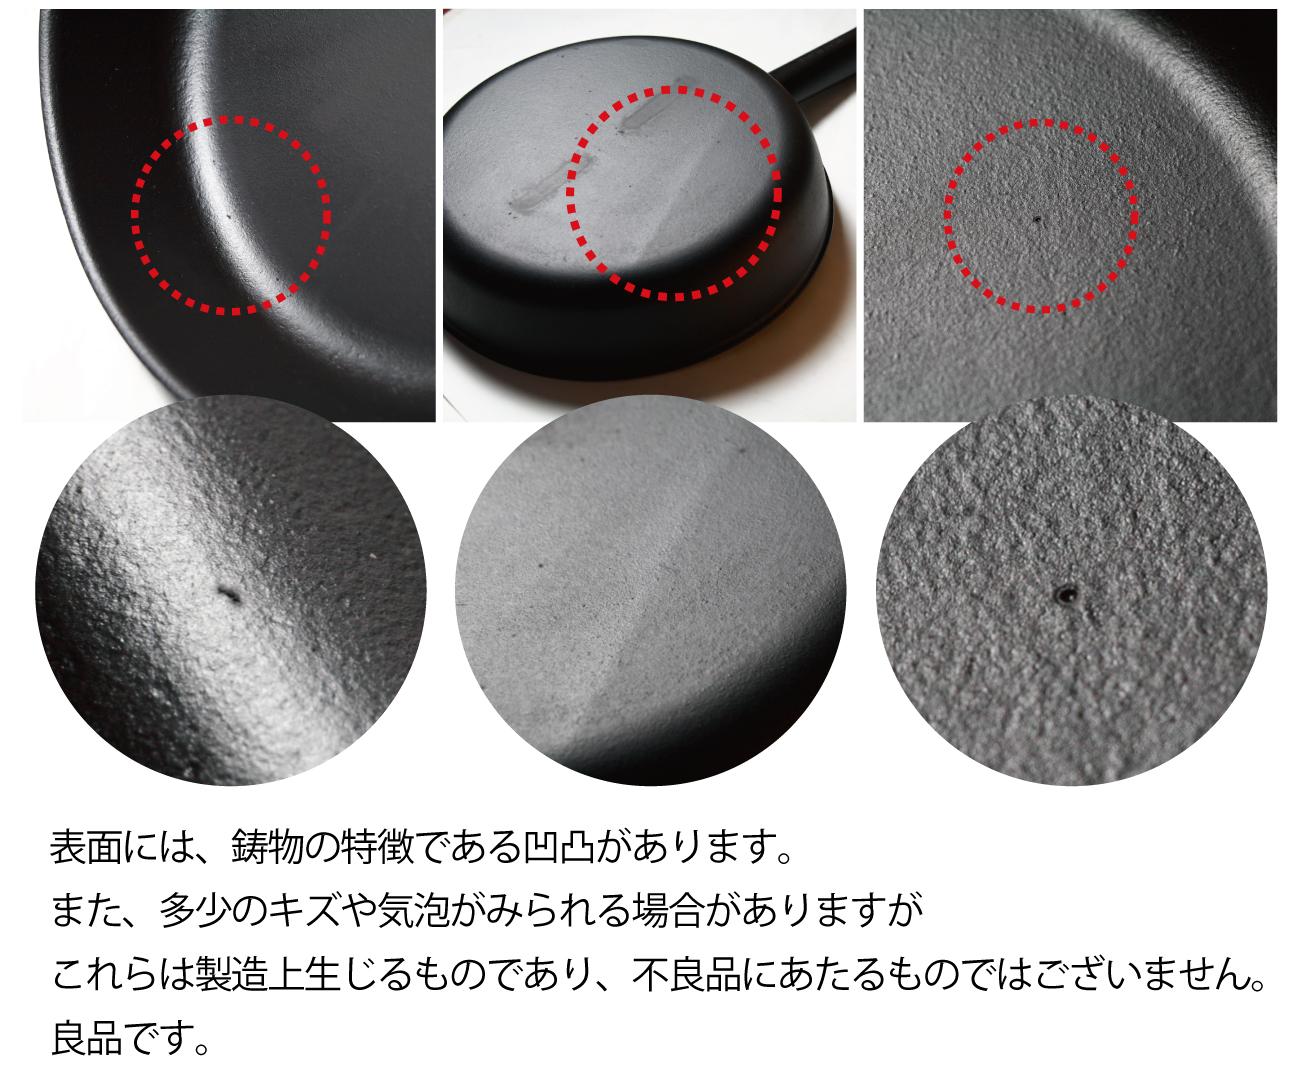 【日本製】炒めやすく煮込みやすい鋳物フライパン φ24cm フライングソーサー オリジナル